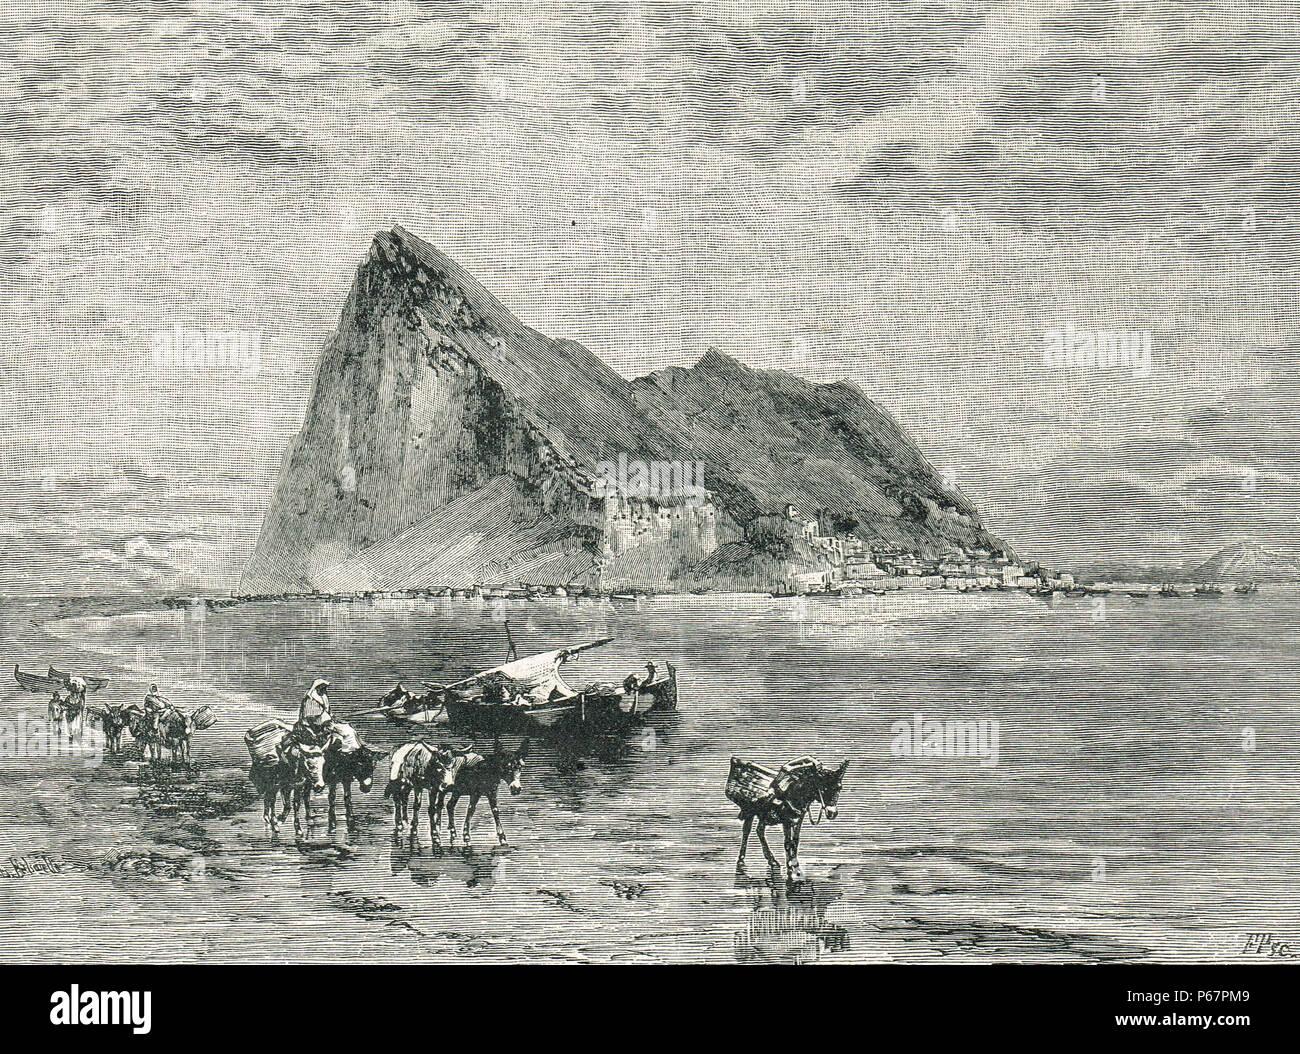 Peñón de Gibraltar, la ilustración del siglo XIX. Imagen De Stock